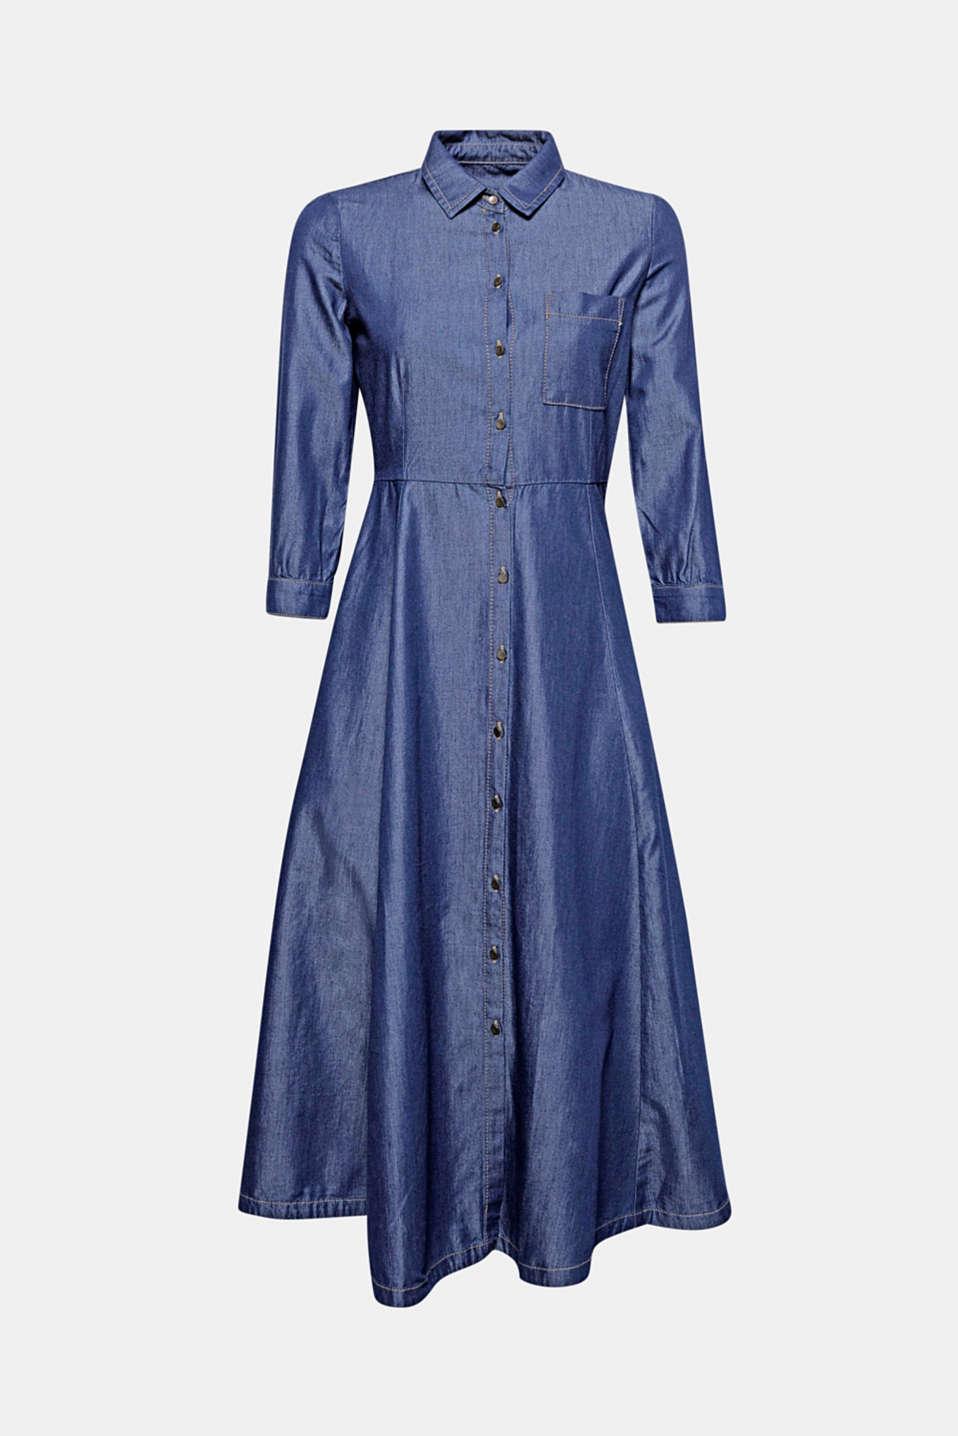 Avec sa taille haute, sa jupe oscillante et ses manches trois-quarts, cette robe longueur midi d'aspect denim foncé tendance et entièrement boutonnée sur le devant arbore un look stylé inédit!